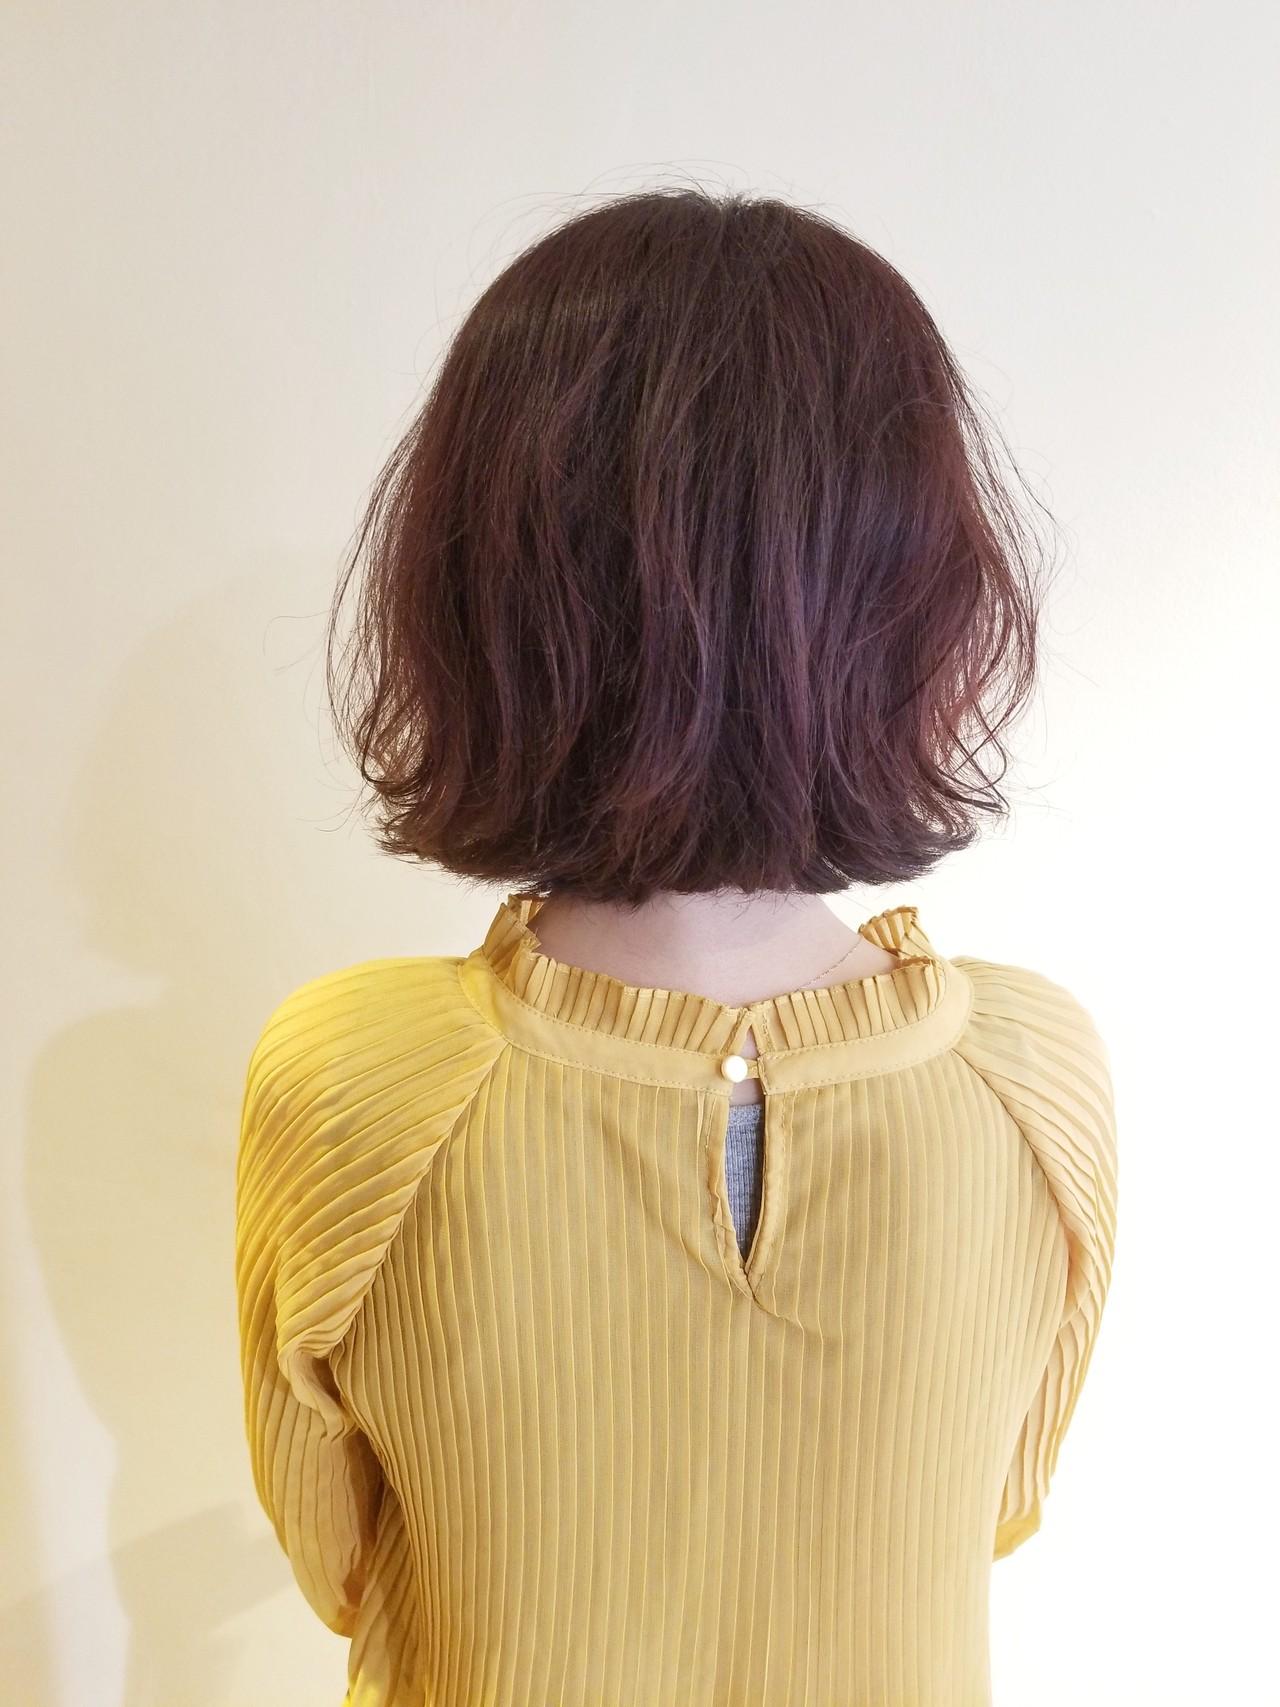 大人ミディアム フェミニン ボブ 大人カジュアル ヘアスタイルや髪型の写真・画像 | Naoko Miura / avant